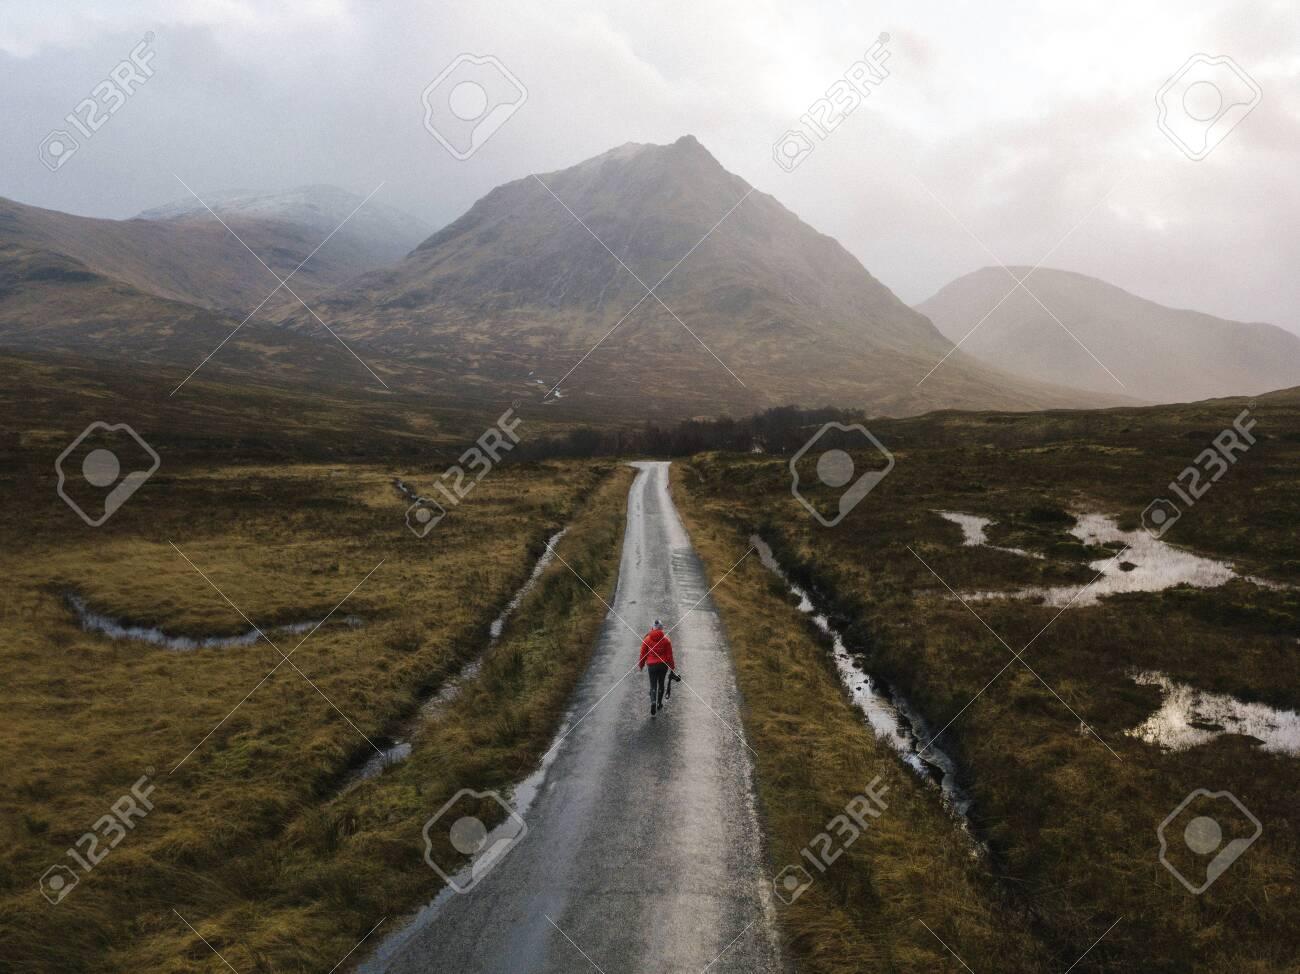 Woman walking on a road in Glen Etive, Scotland - 122425581